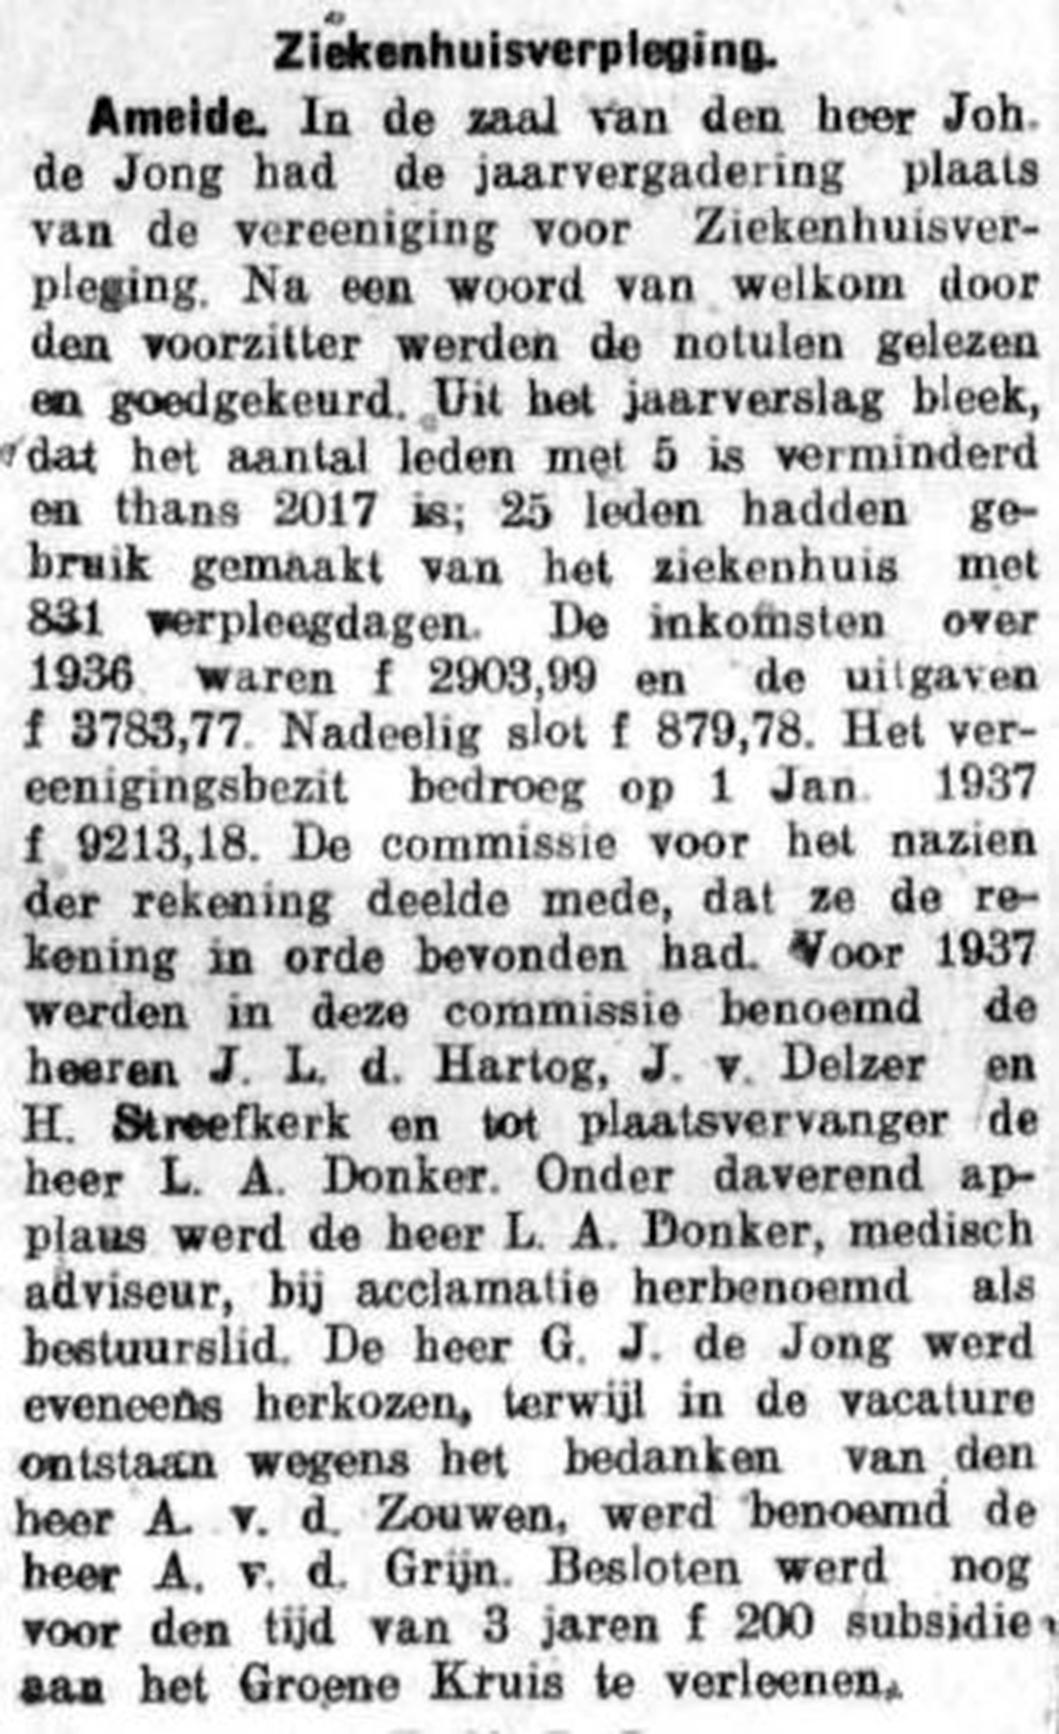 Schoonhovensche Courant 07790 1937-03-31 artikel 02